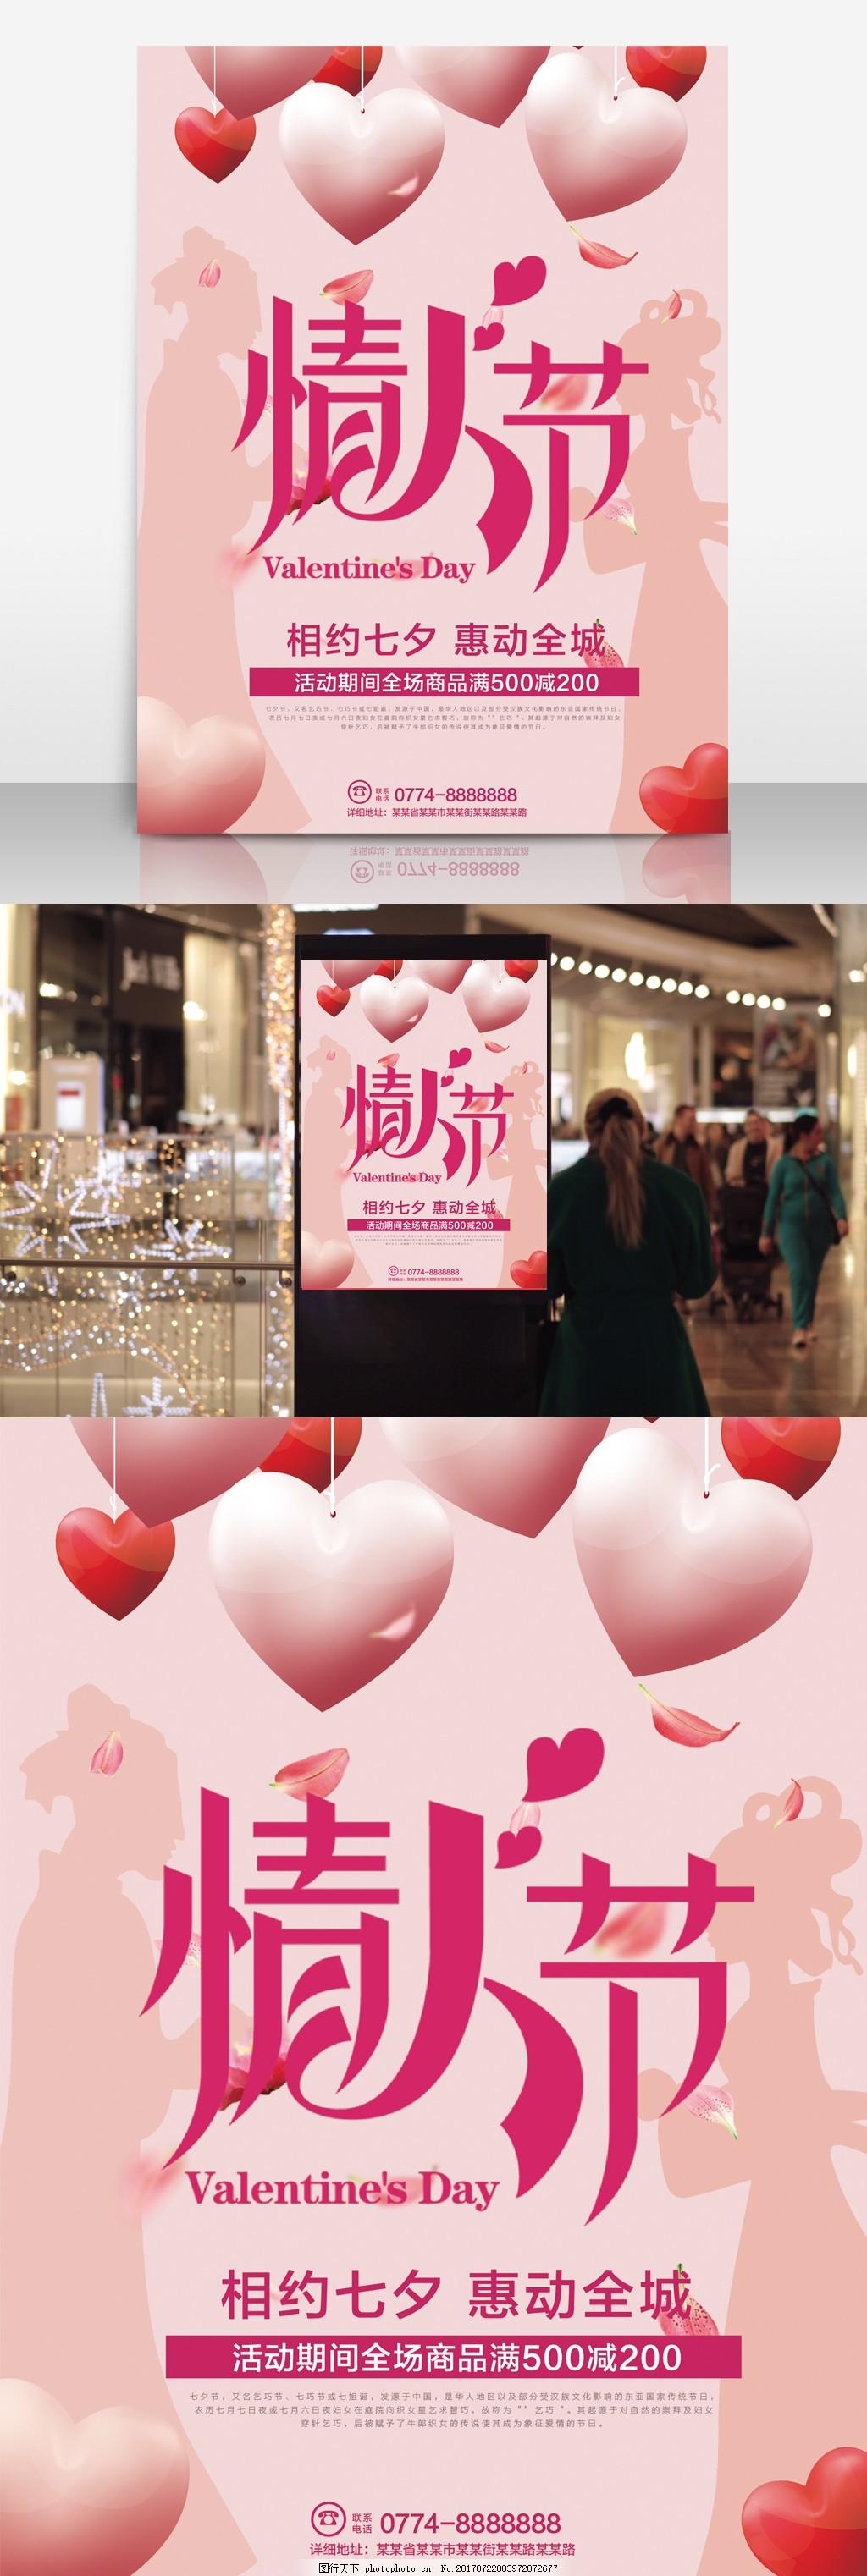 粉色爱心浪漫七夕情人节促销宣传海报 七夕海报 全场买一送一 心形